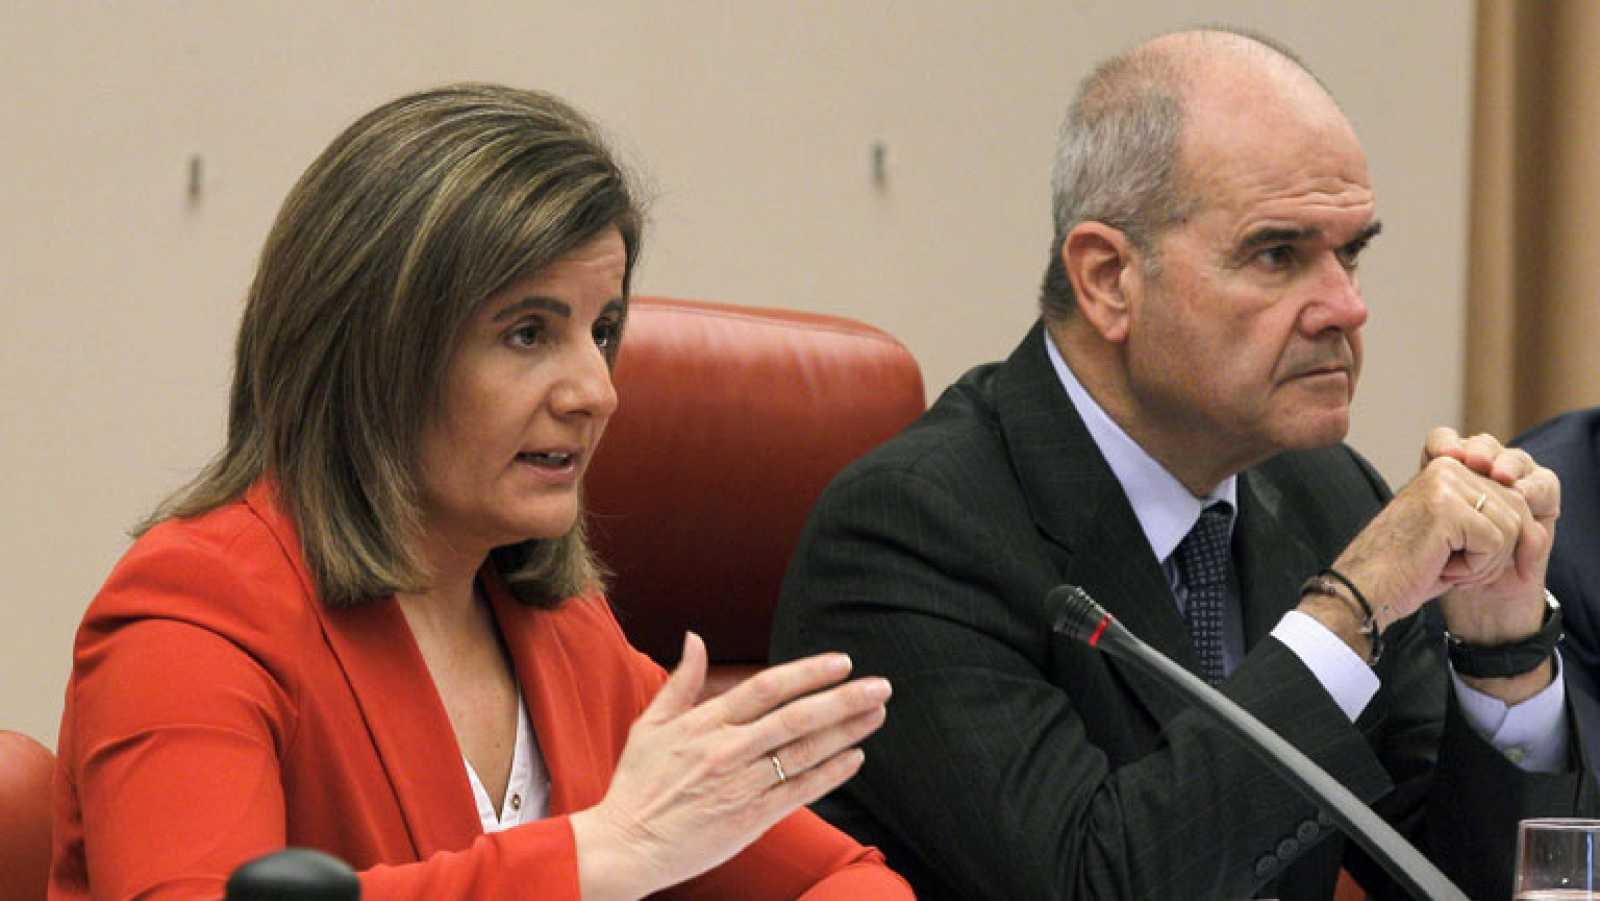 Bañez pide tranquilidad y concretar el incremento de la pensión media